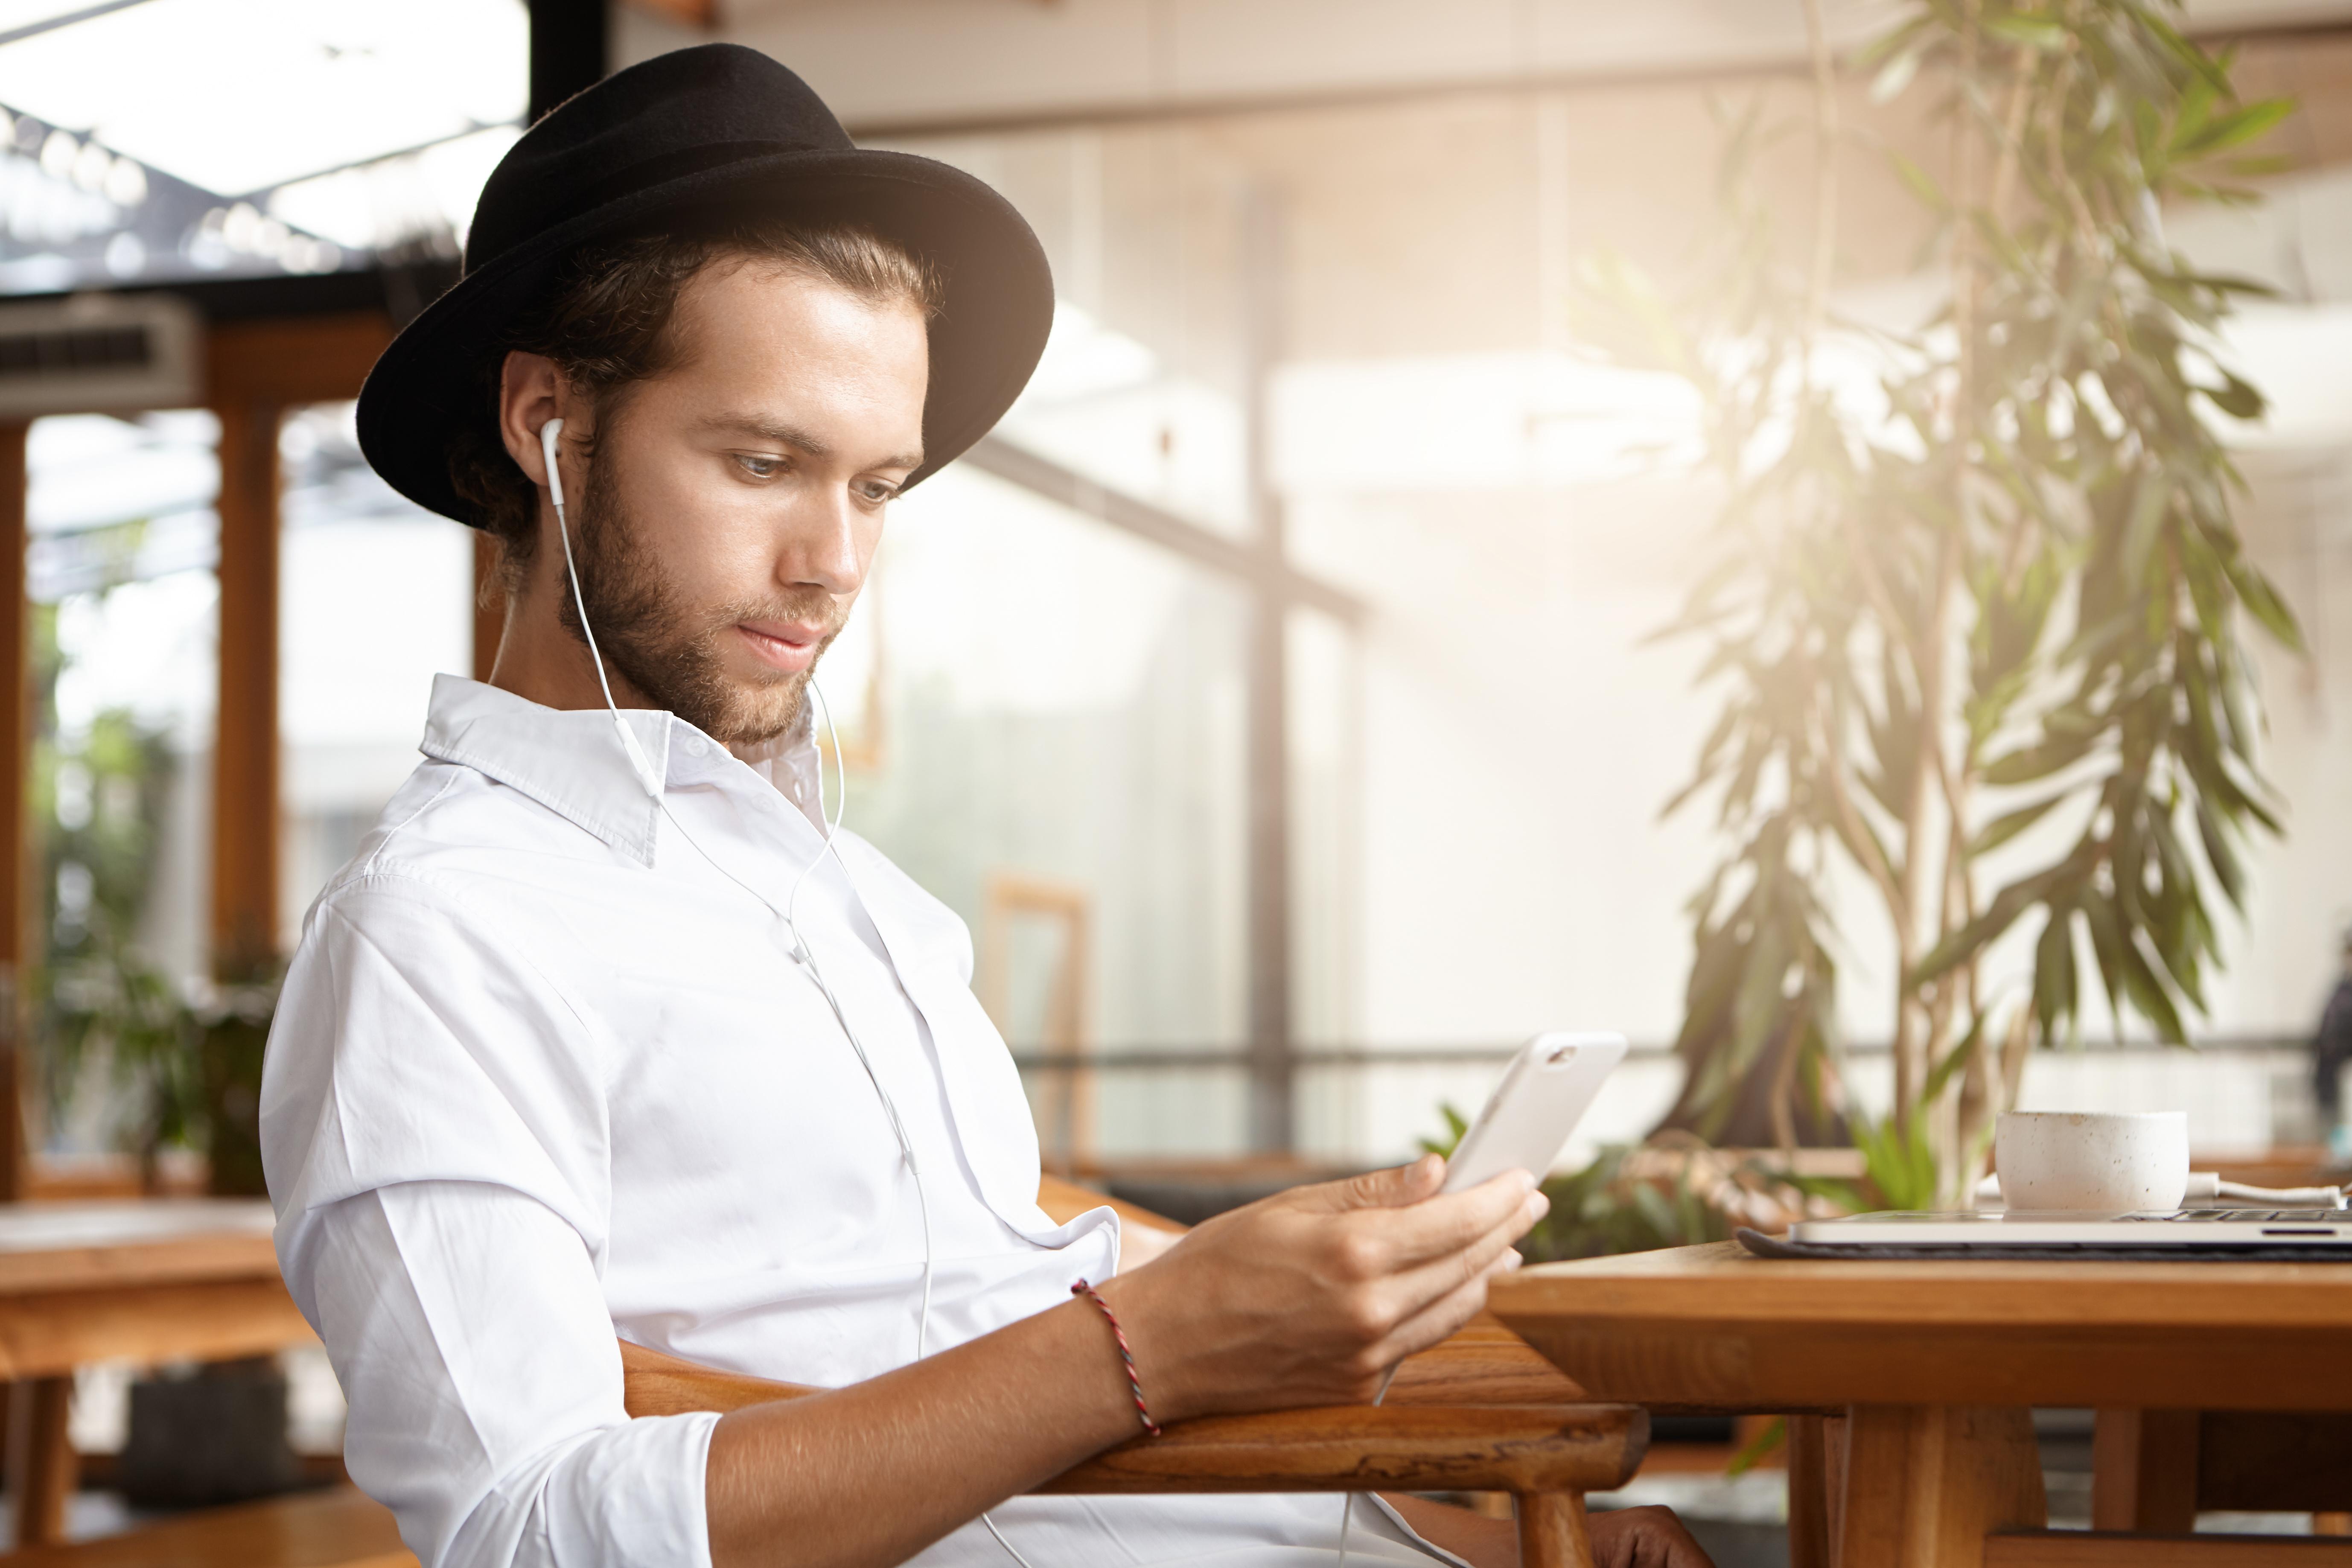 Luis Kimyon Paartherapie Psychotherapie Beziehungscoaching Stuttgart Videosprechstunden Telefon